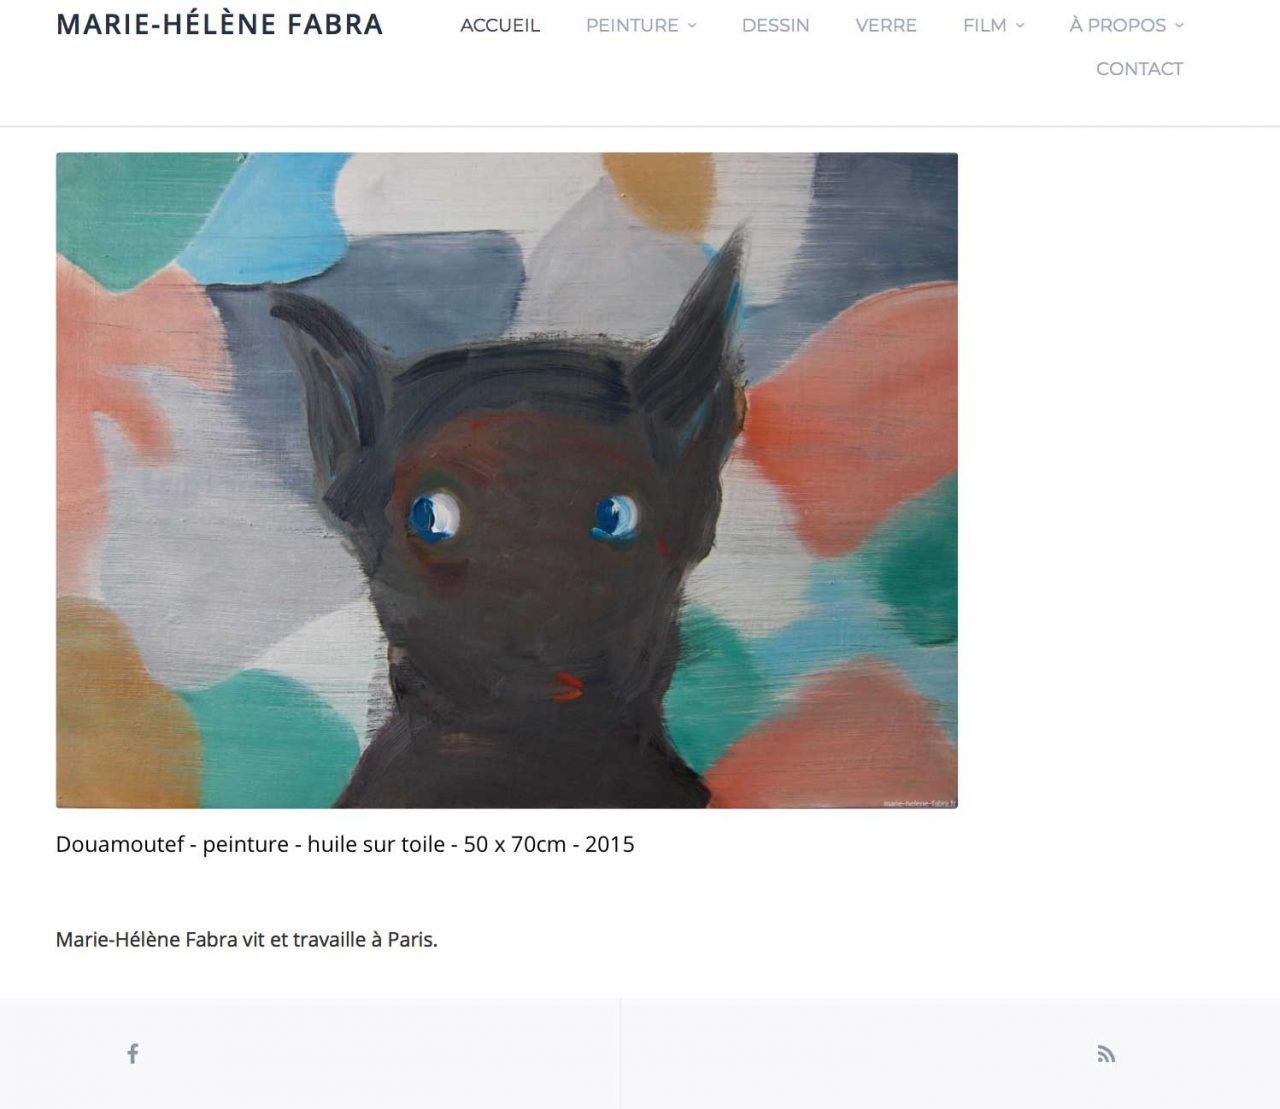 Site web marie-helene-fabra.fr